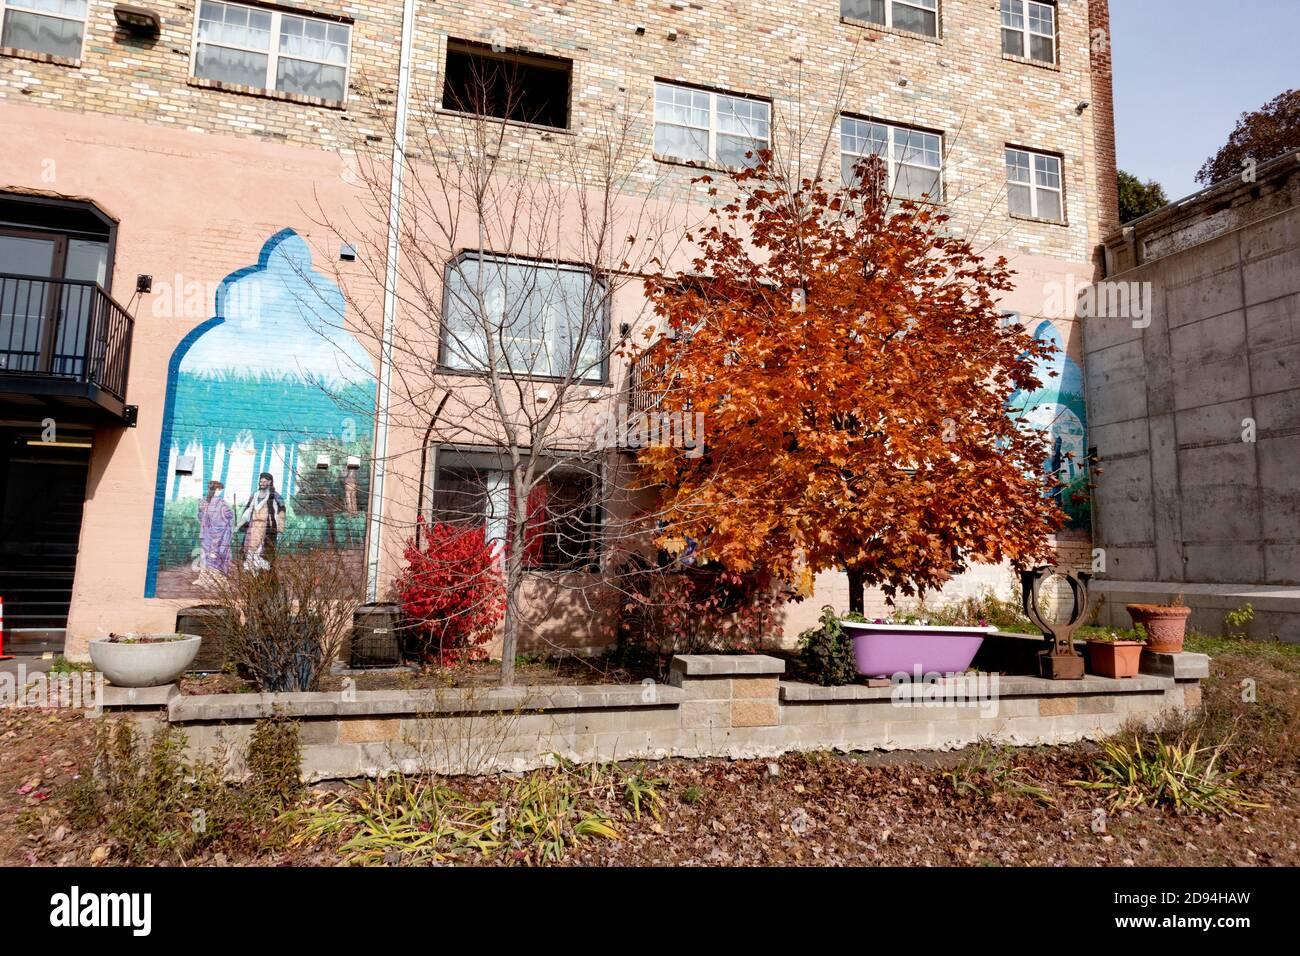 Edificio de apartamentos Mideast con un patio decorado y un hermoso árbol de otoño situado junto al sendero Midtown Greenway. Minneapolis Minnesota MN EE.UU Foto de stock